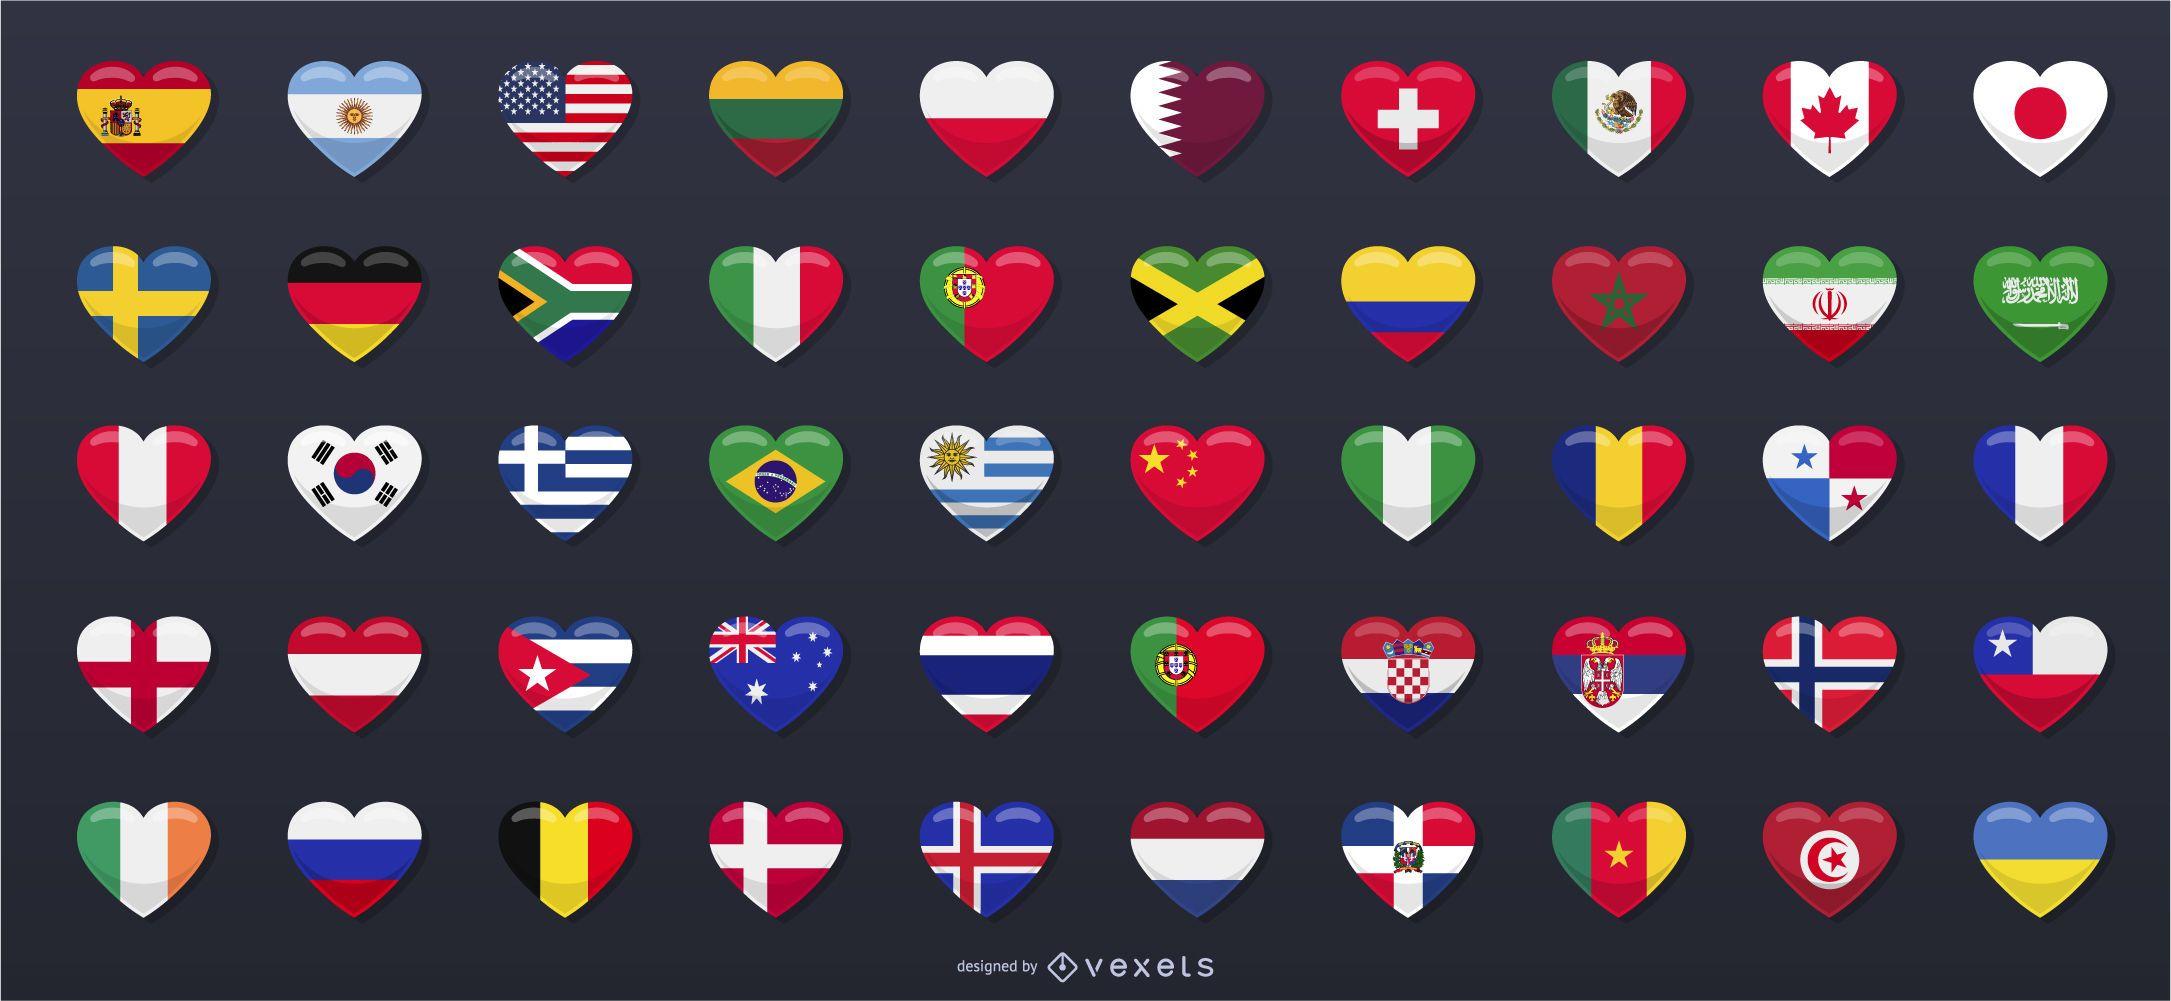 50 banderas de país en forma de corazón - Descargar vector